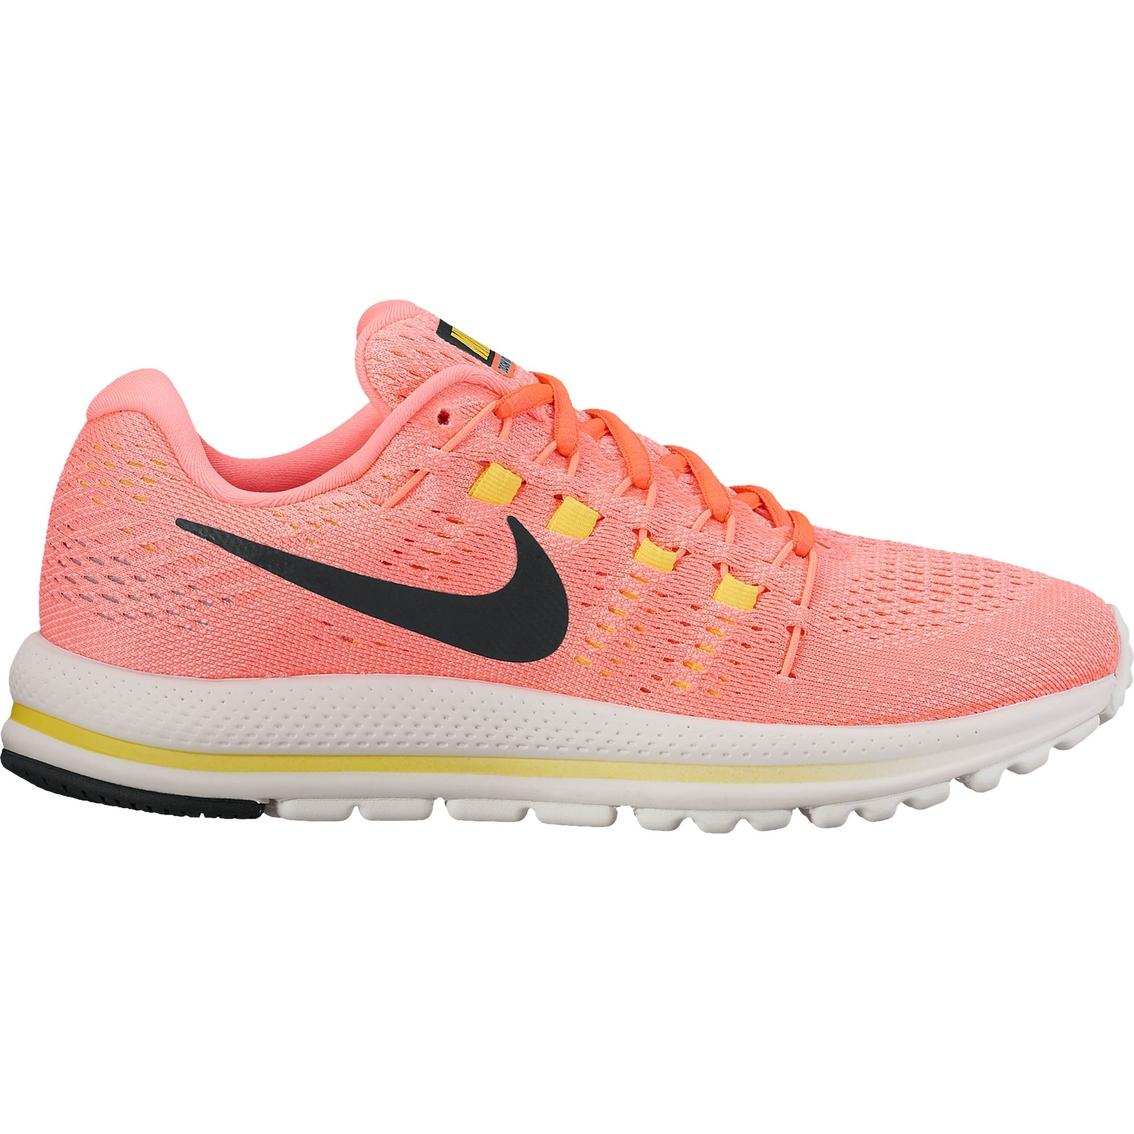 Nike Women's Air Zoom Vomero 12 Running Shoes | Running